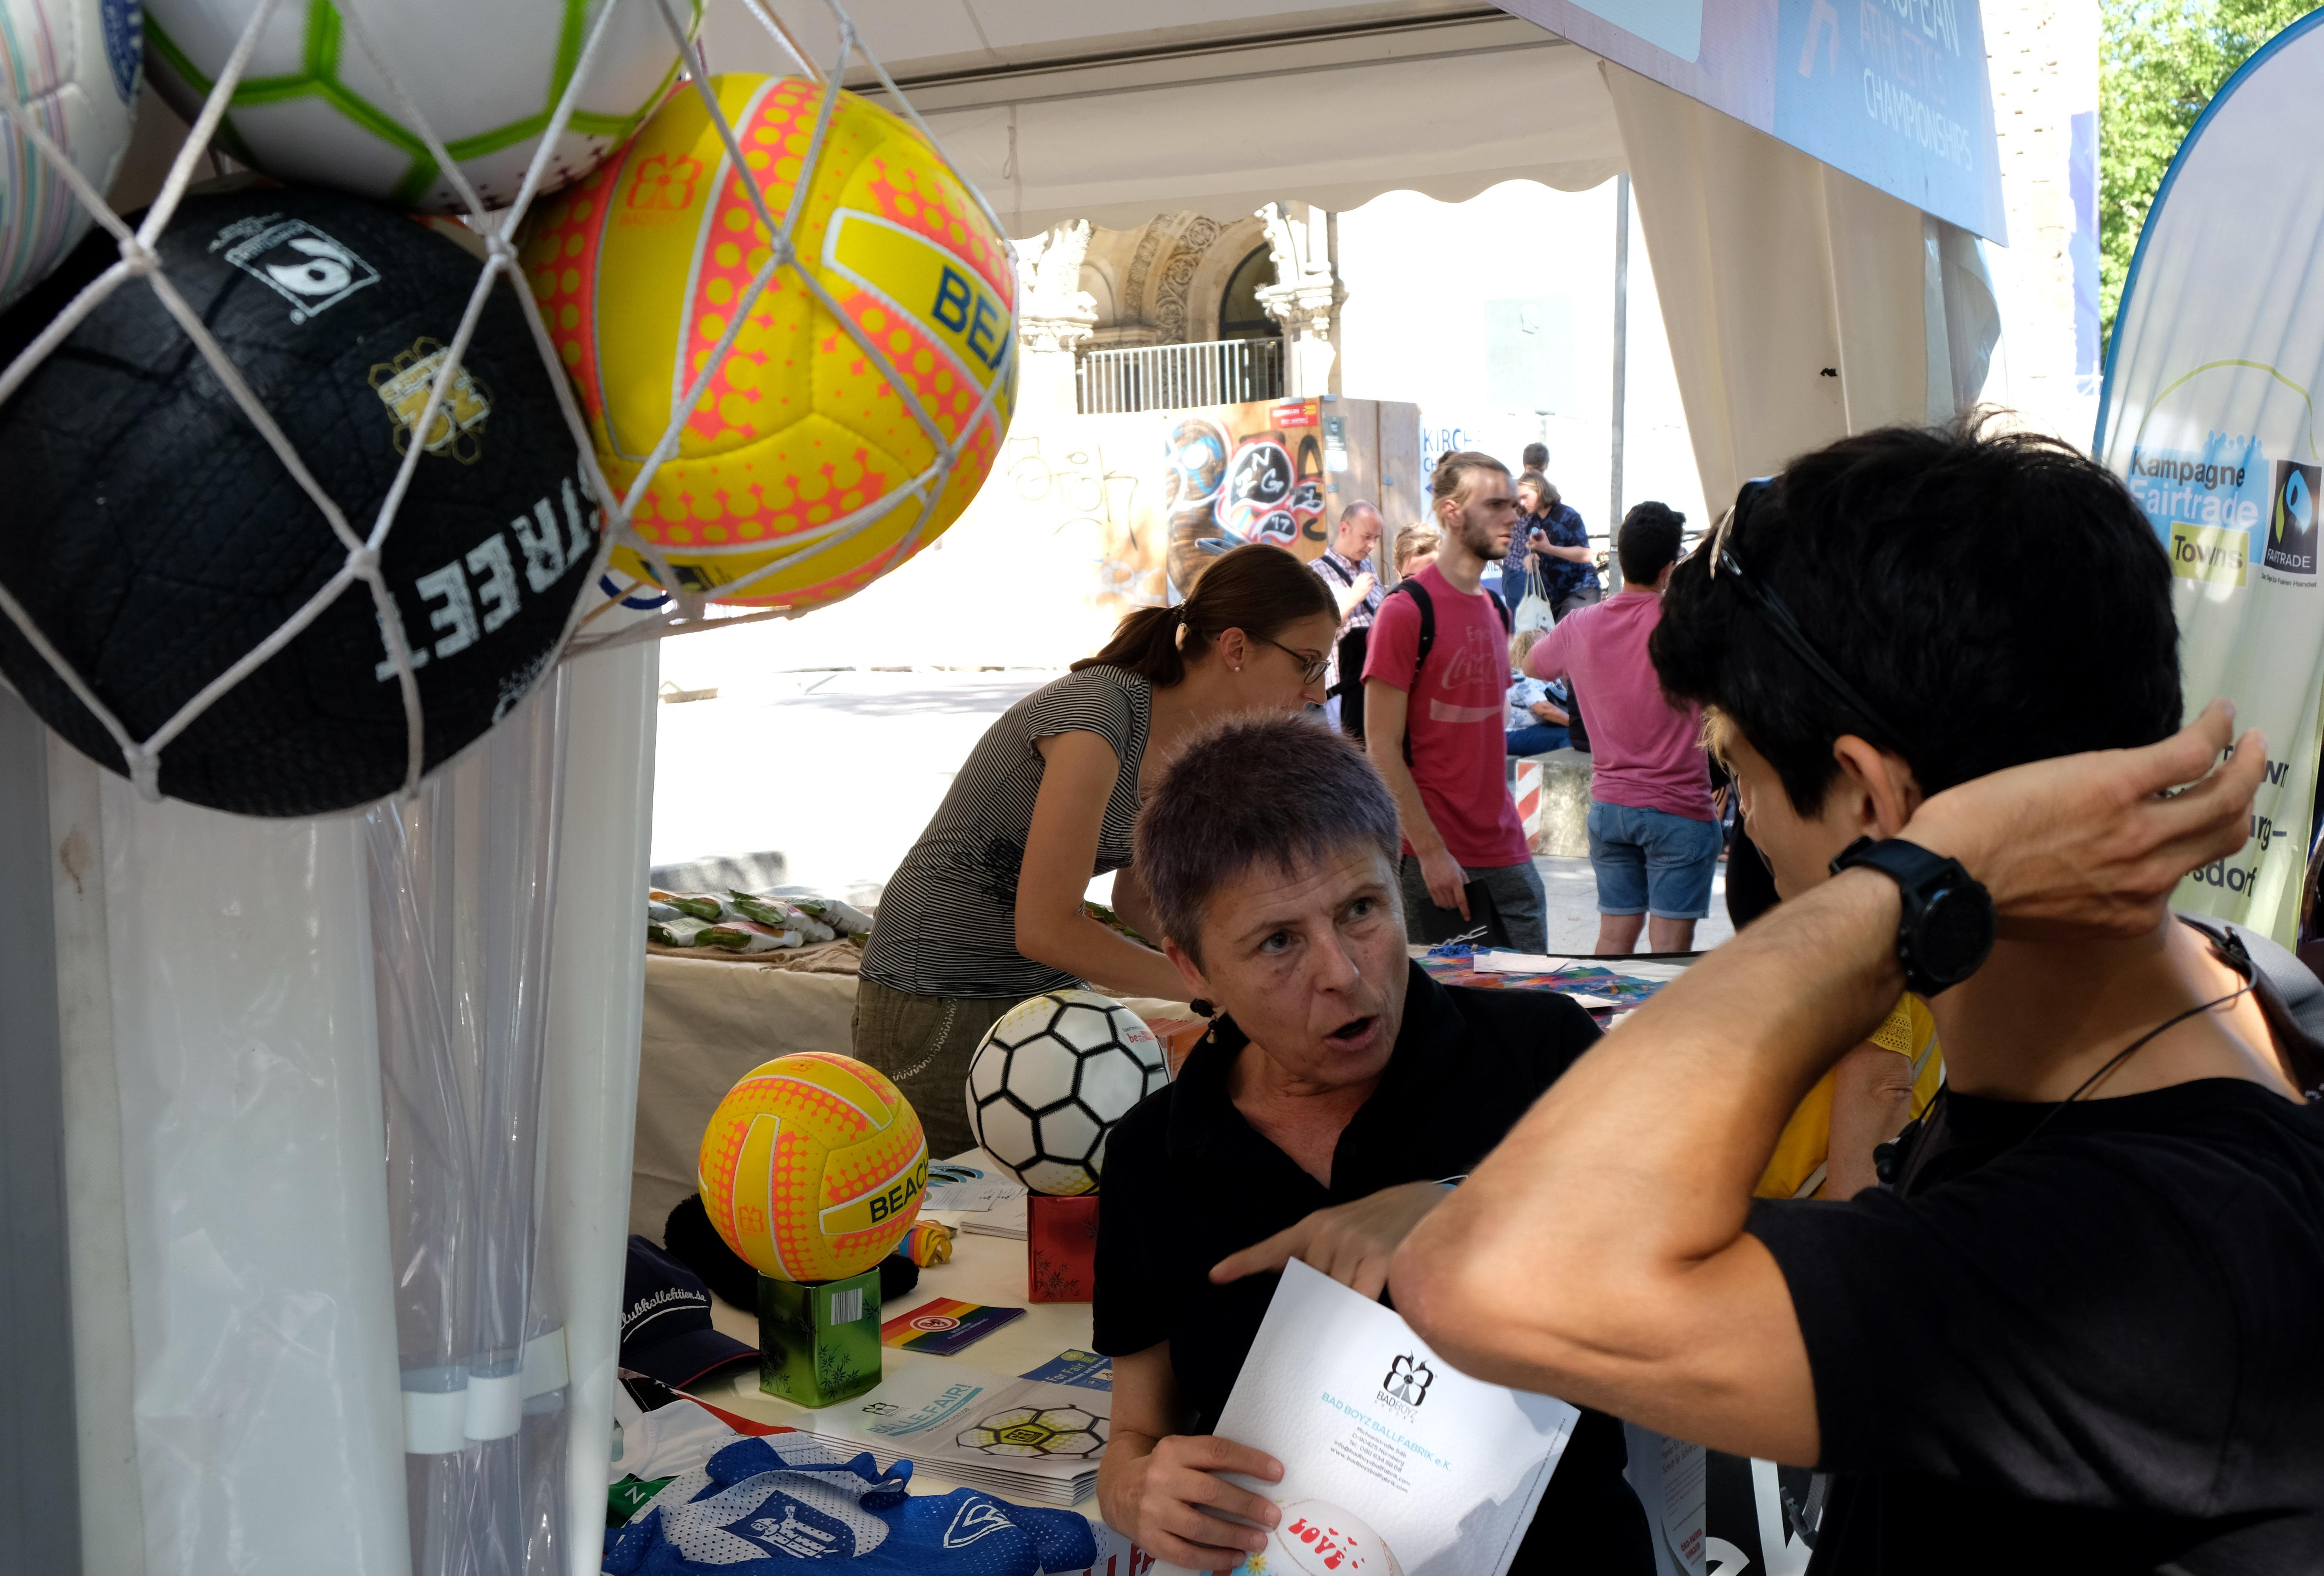 Marlene Cieschinger erklärt einem Besucher die Vorteile fair gehandelter Fußbälle